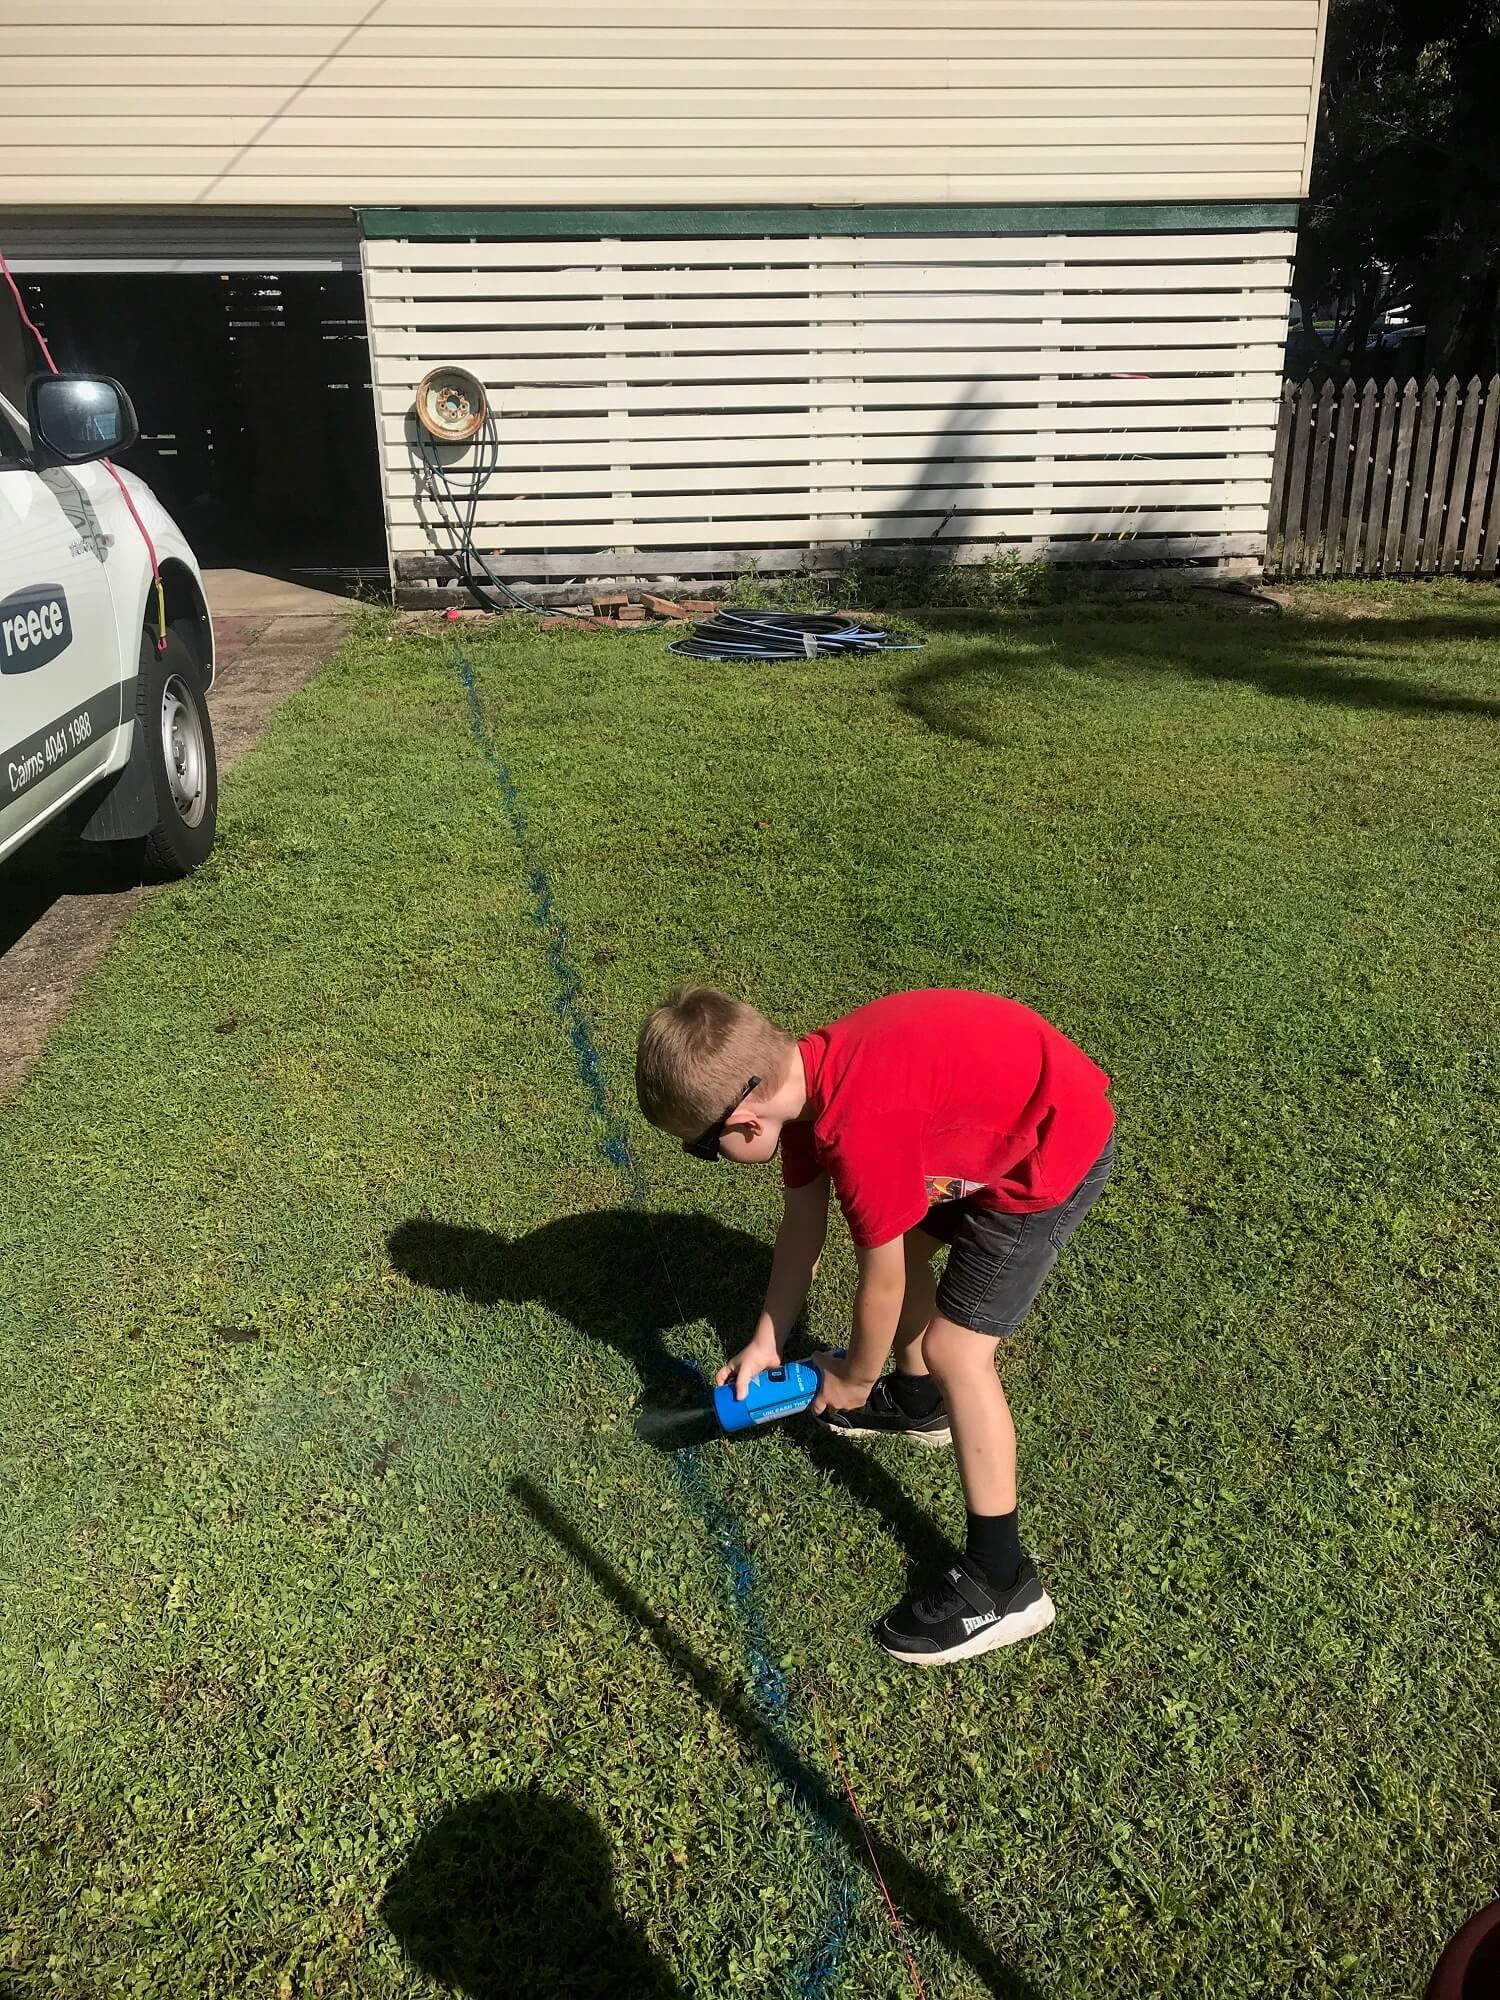 Wet Tropics Plumbers in action in Cairns